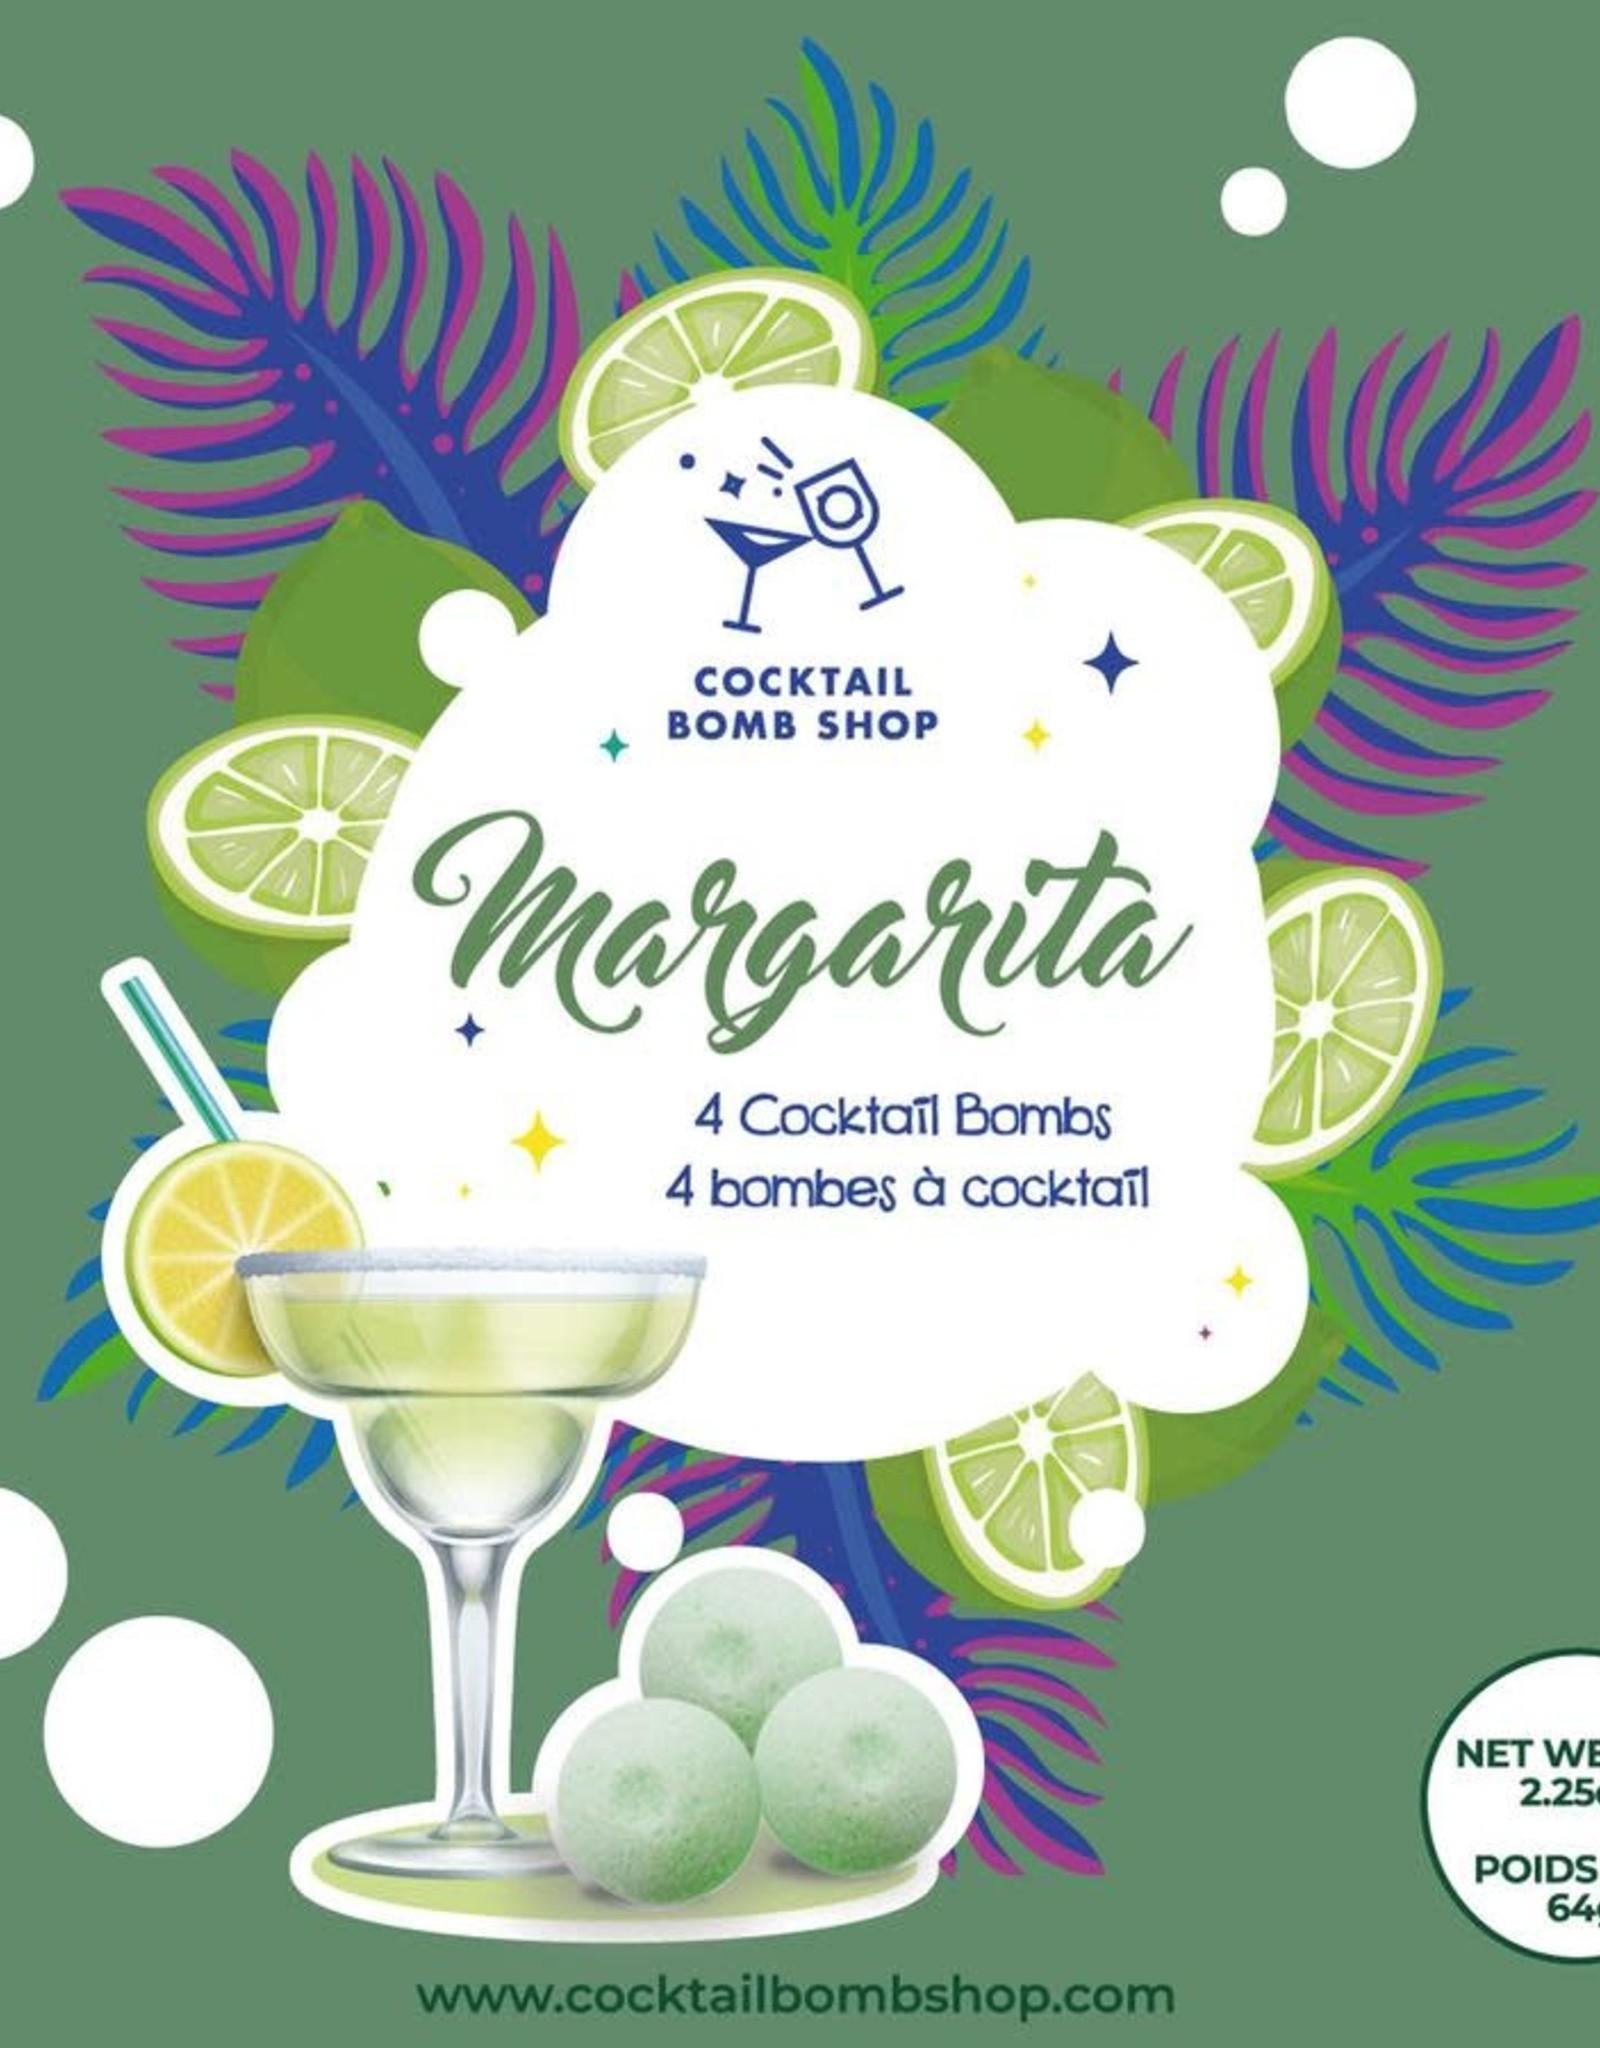 Cocktail Bomb Shop Bombe à cocktail - Margarita - Boîte de 4